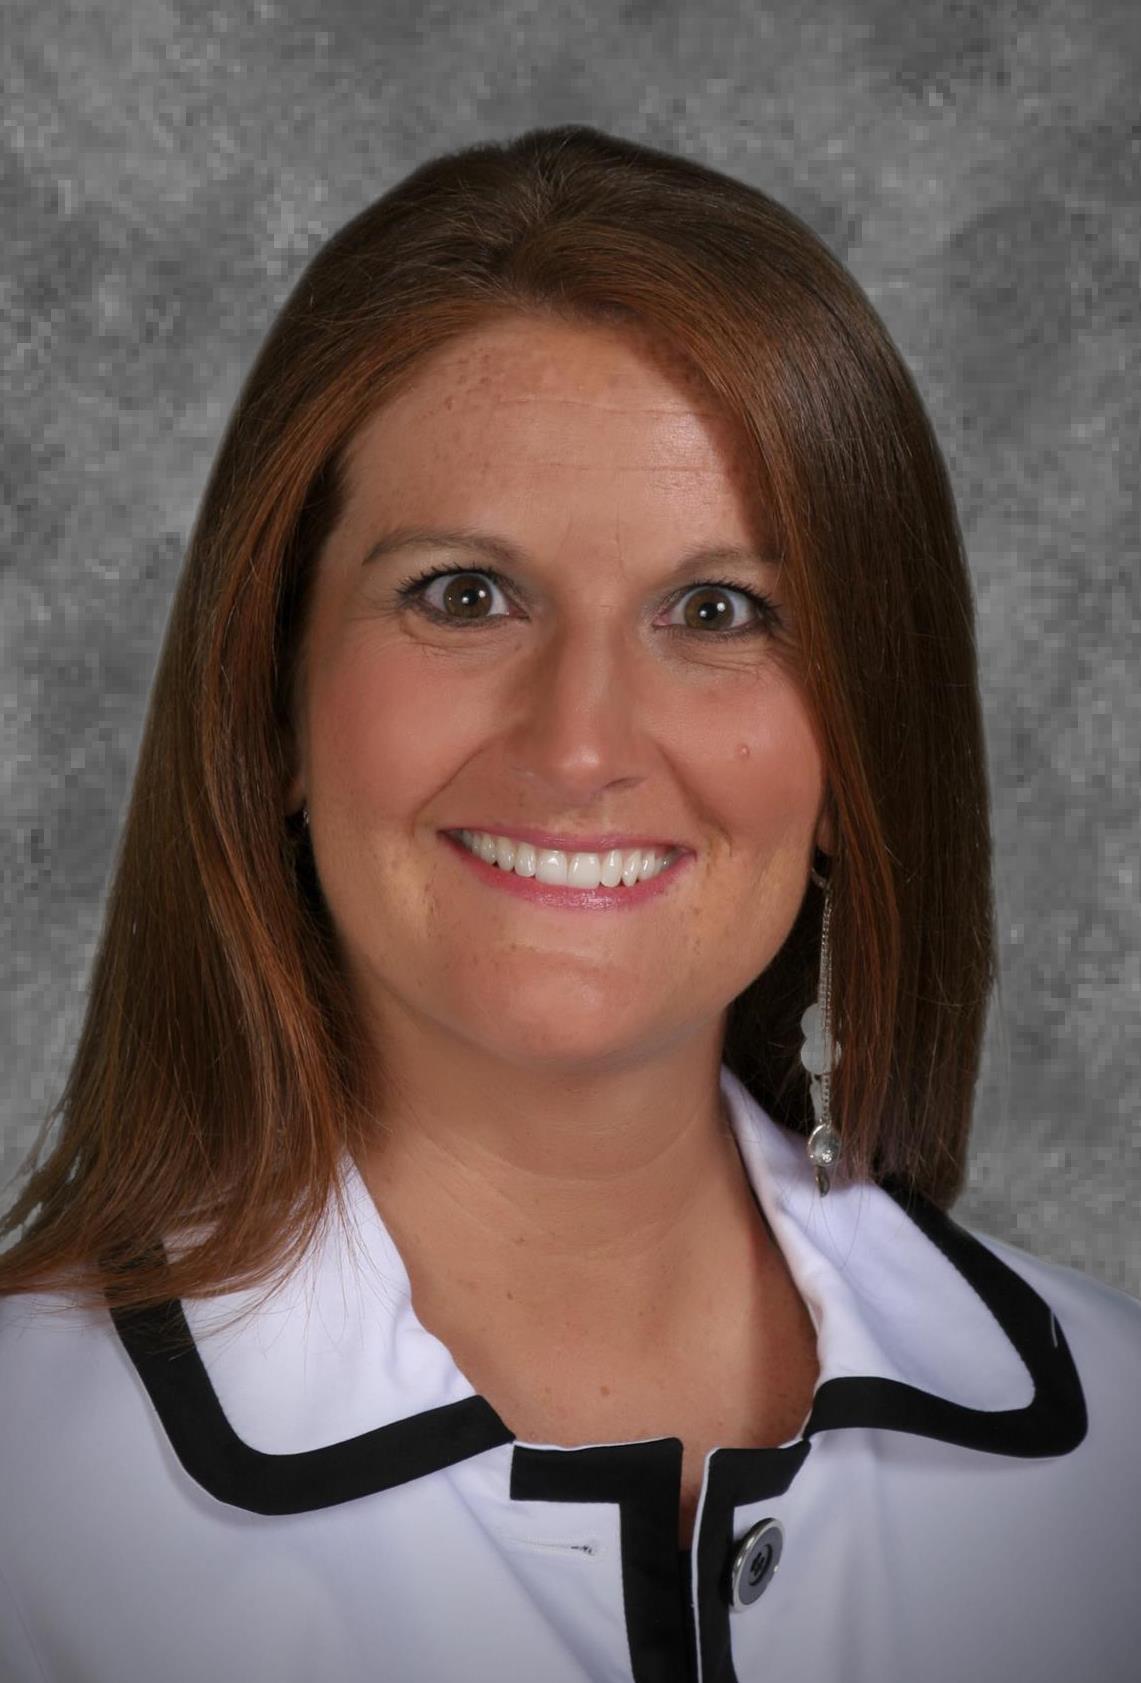 Beth Turner, Career & Technical Education Coordinator